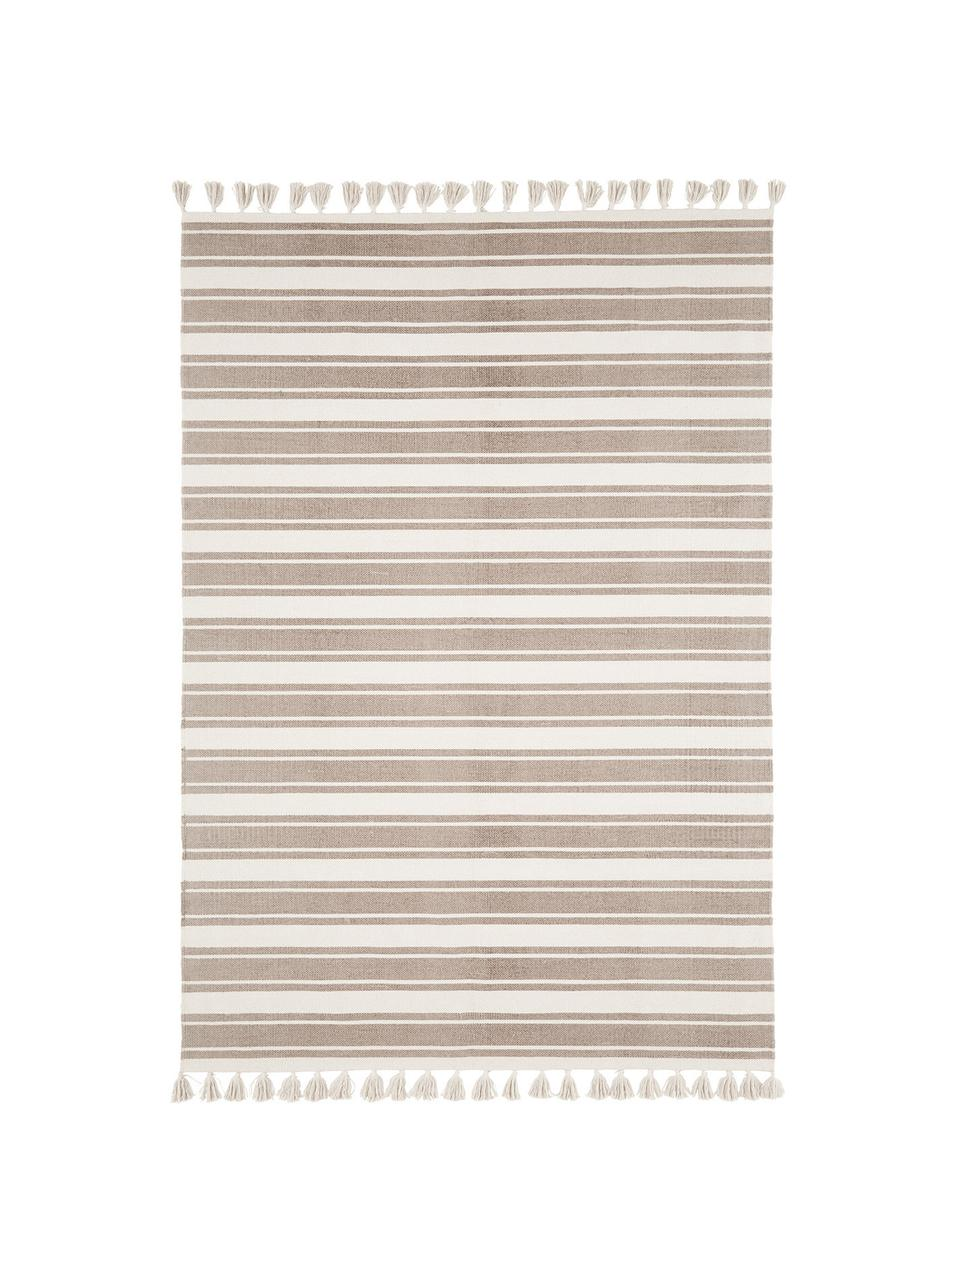 Gestreifter Baumwollteppich Vigga mit Quasten, handgewebt, 100% Baumwolle, Taupe, Beige, B 160 x L 230 cm (Größe M)